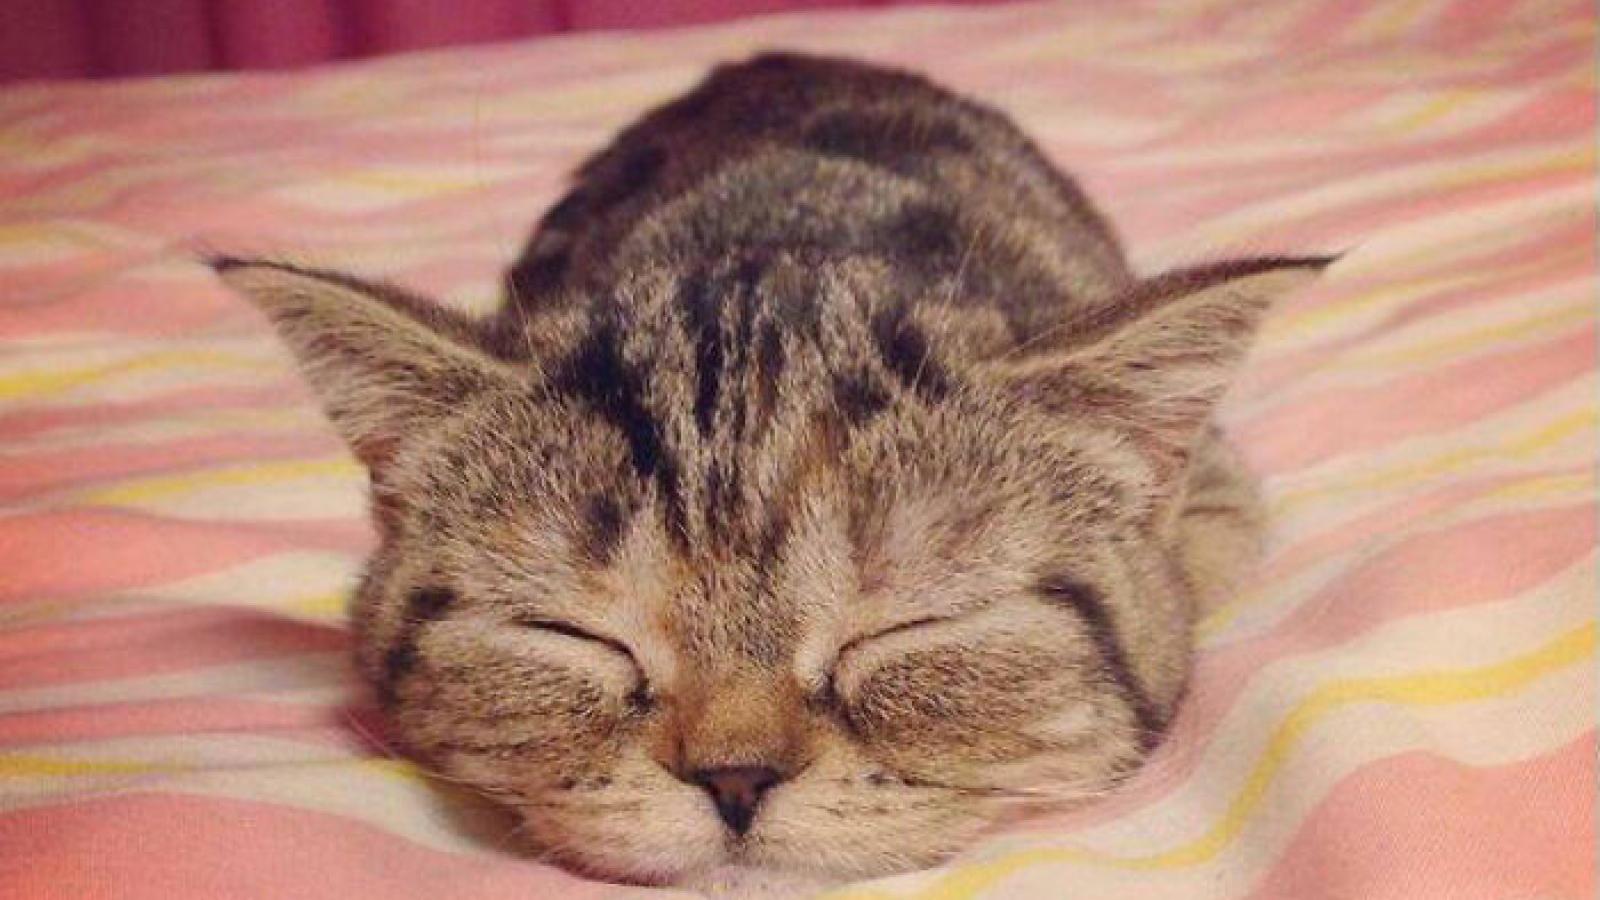 1001 khoảnh khắc mèo ngủ say khiến bạn nhìn vào là muốn mỉm cười